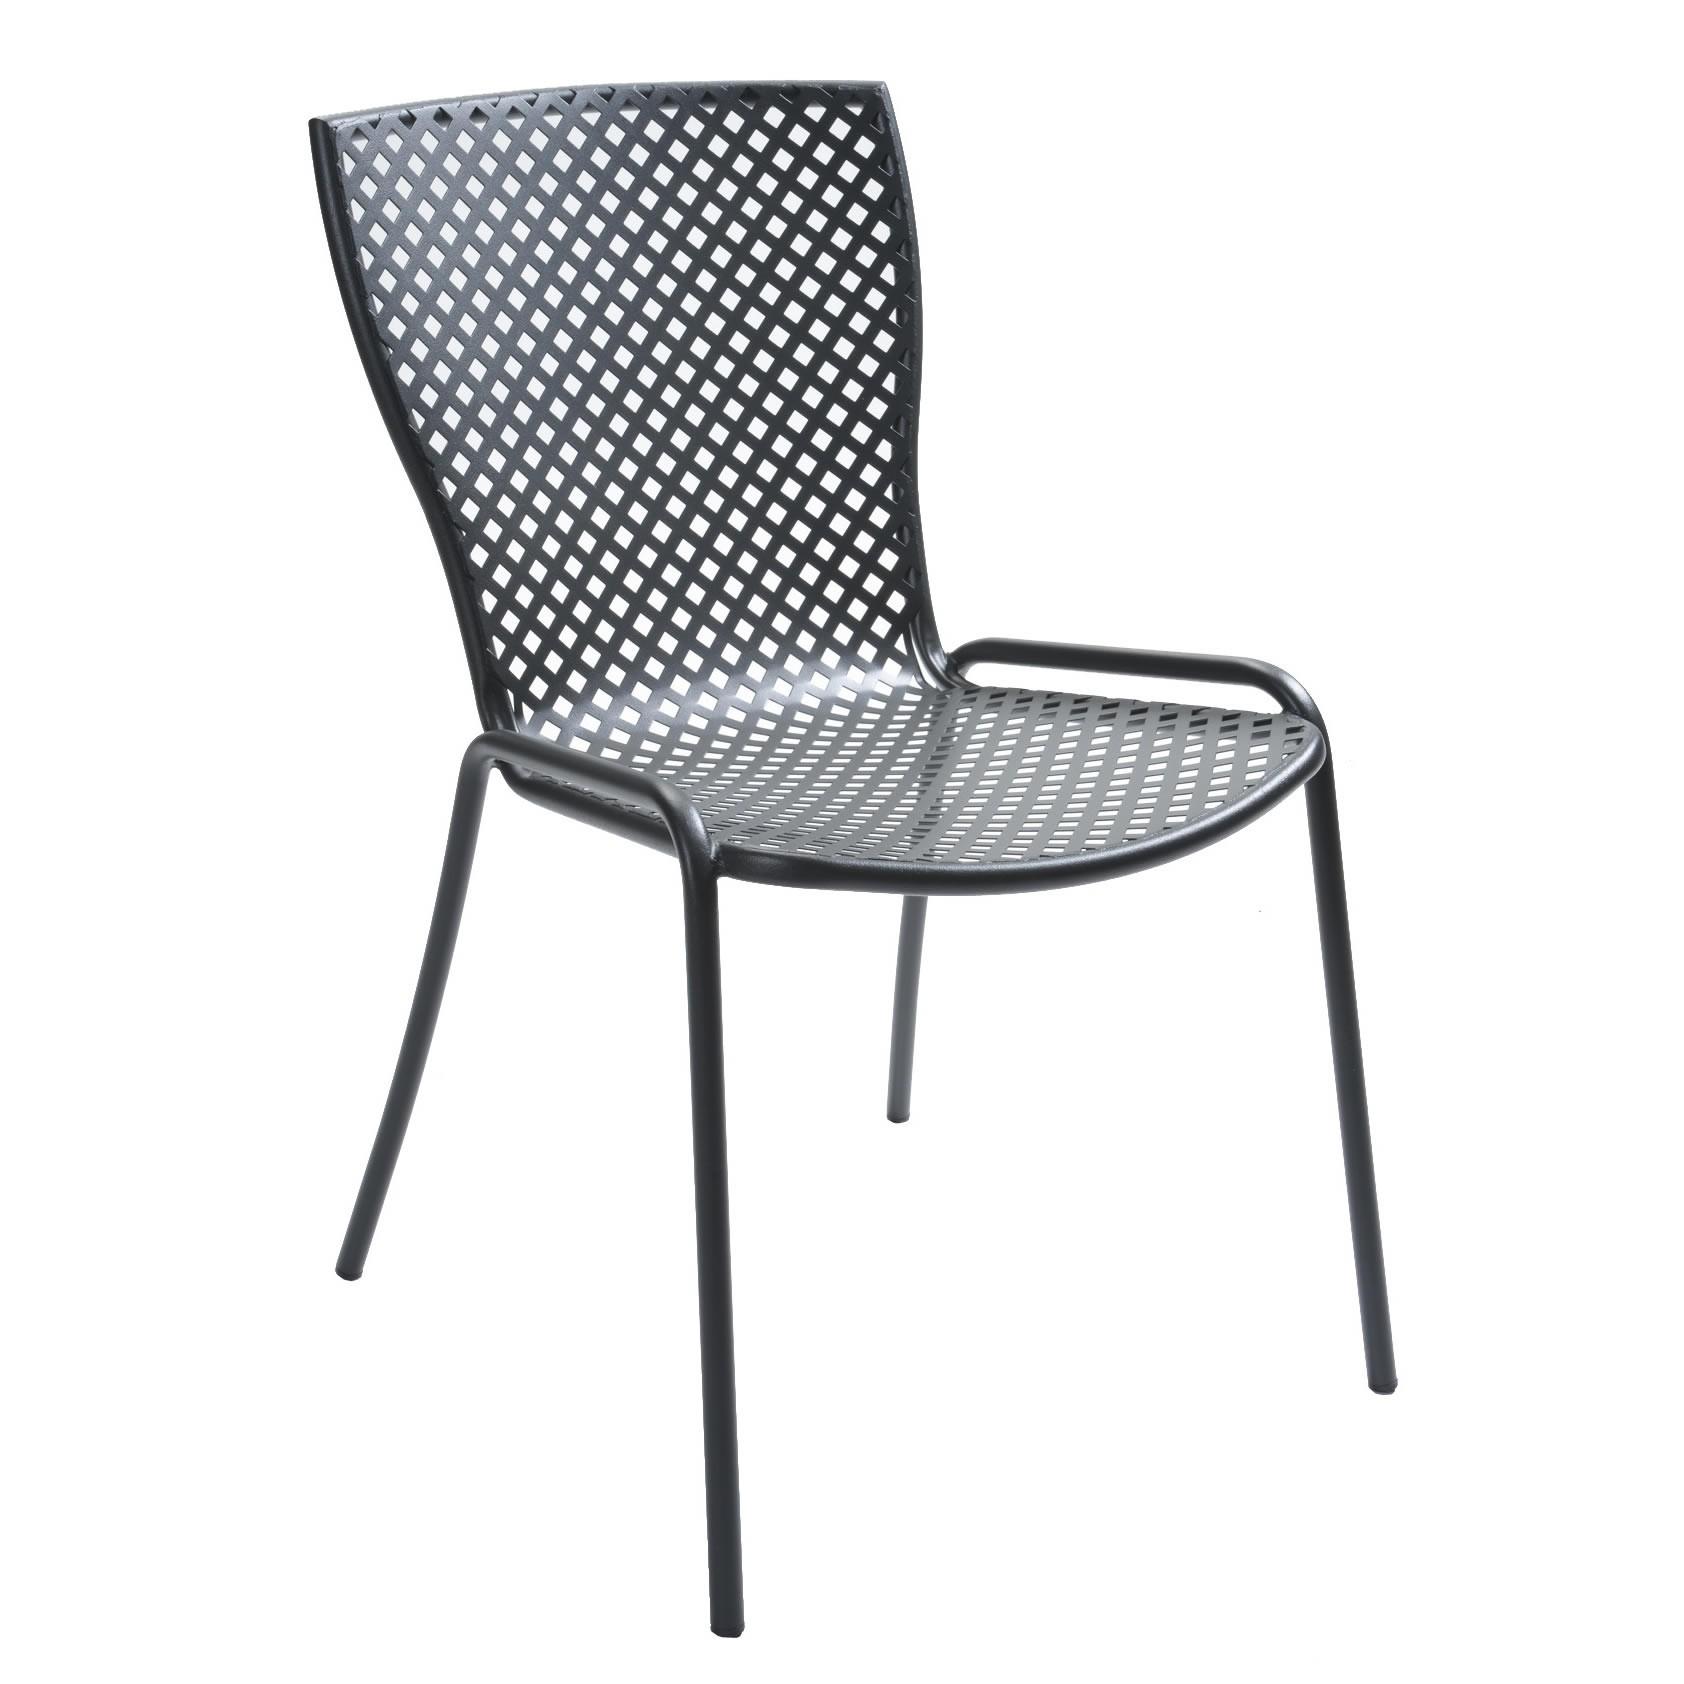 Sedia in acciaio zincato per giardino sonia 1 vendita - Sedie per esterno economiche ...